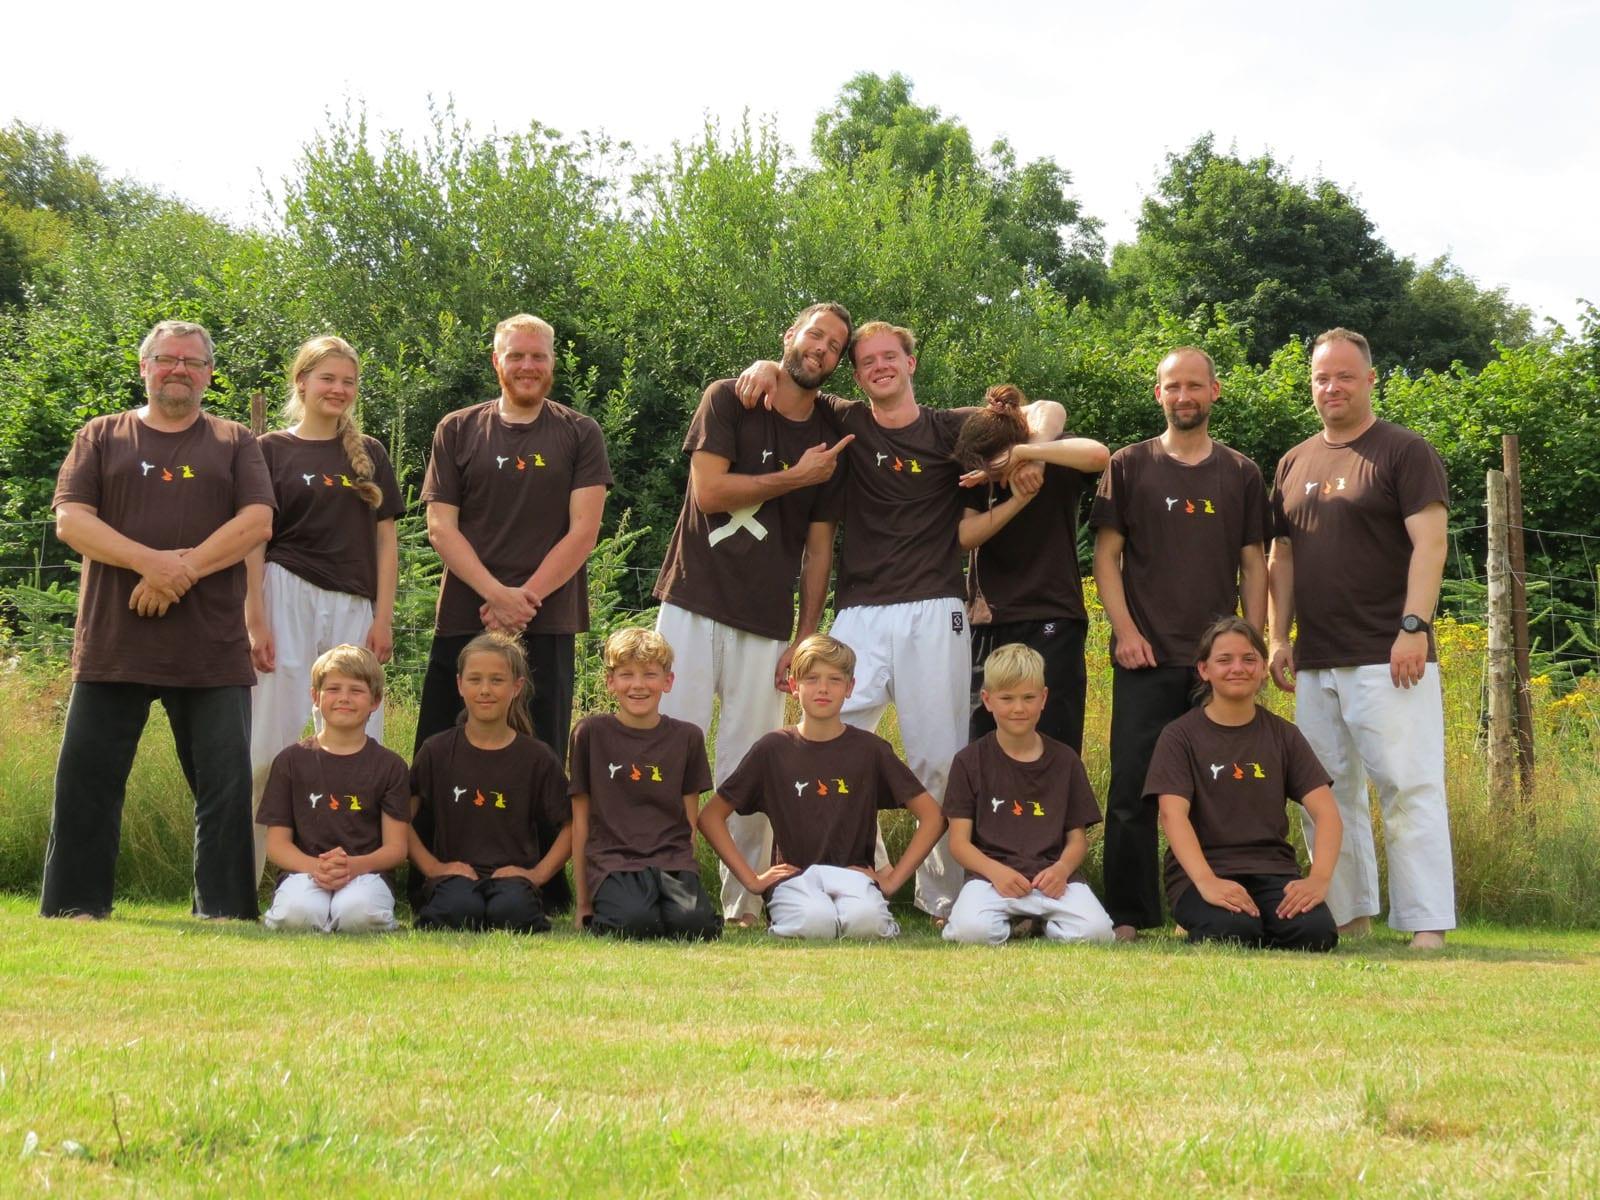 Brune t-shirts - det er awesome :-)